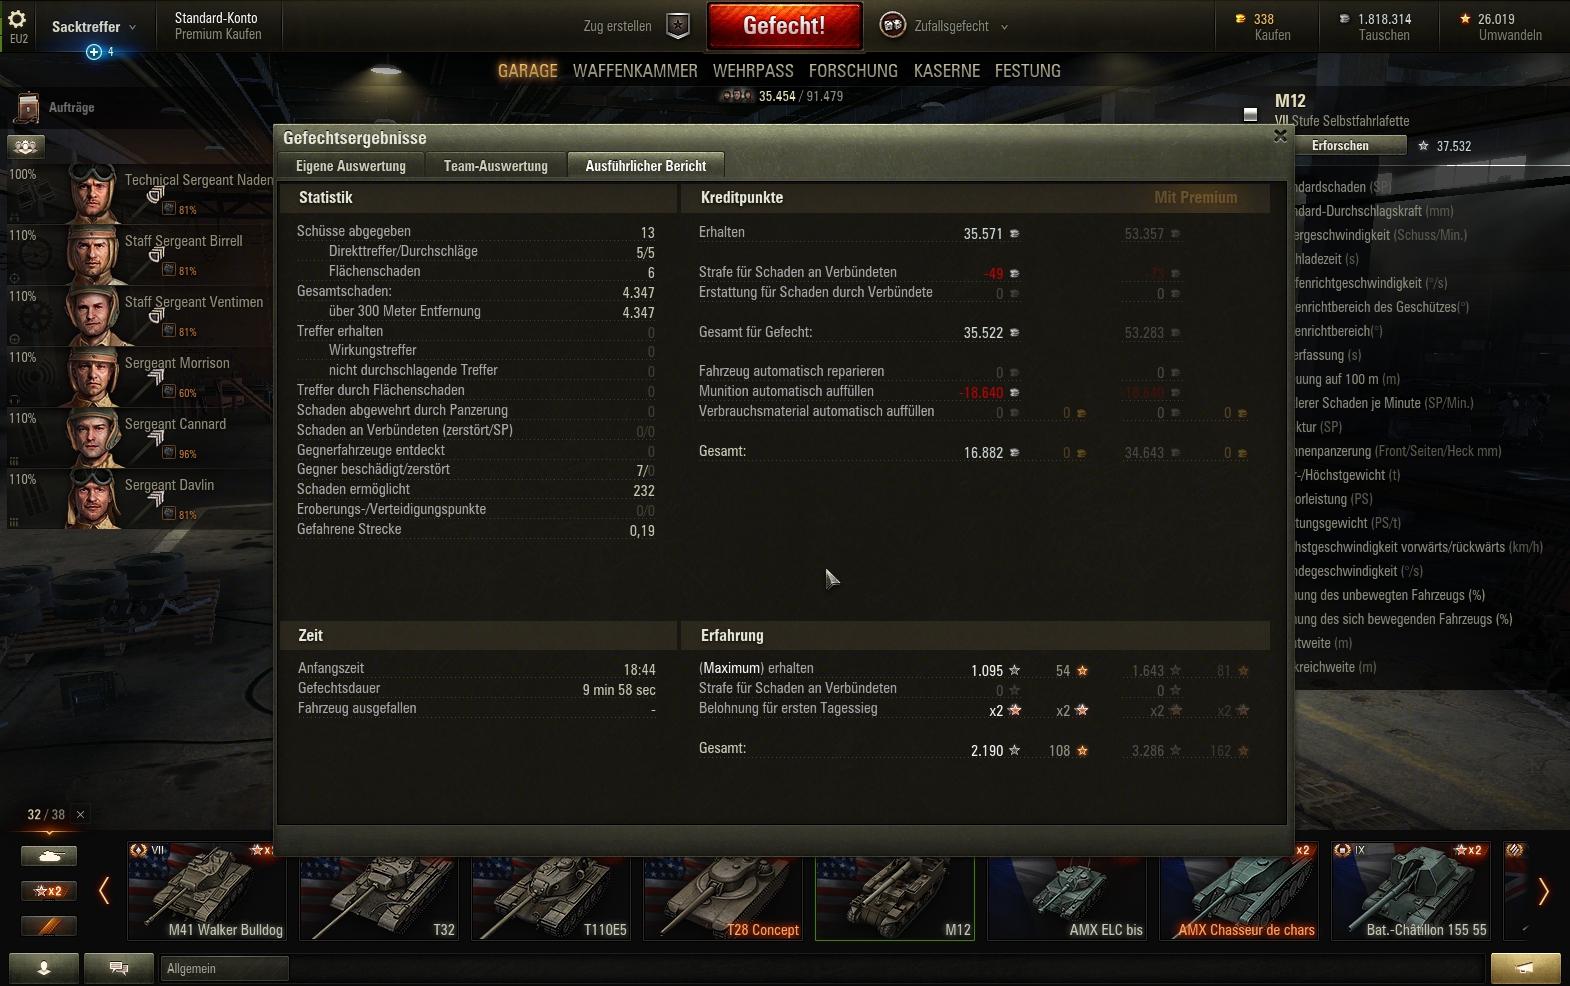 [Sammelthread] World of Tanks - Seite 4695